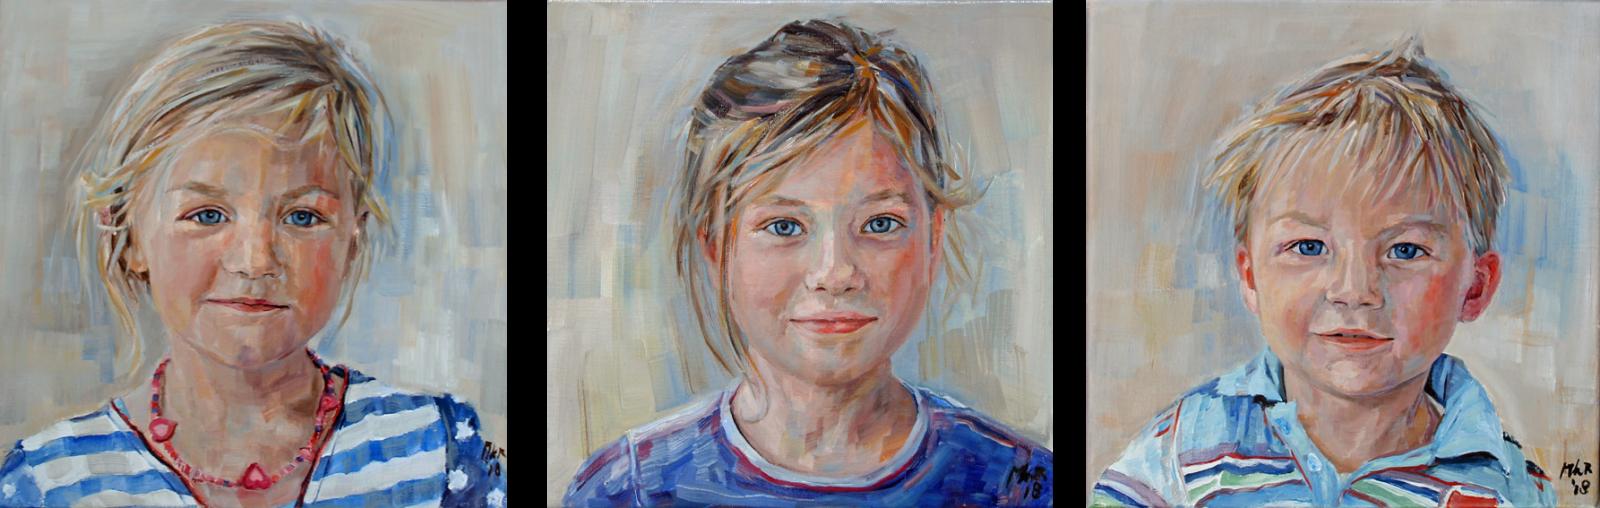 portretschilderij kinderen